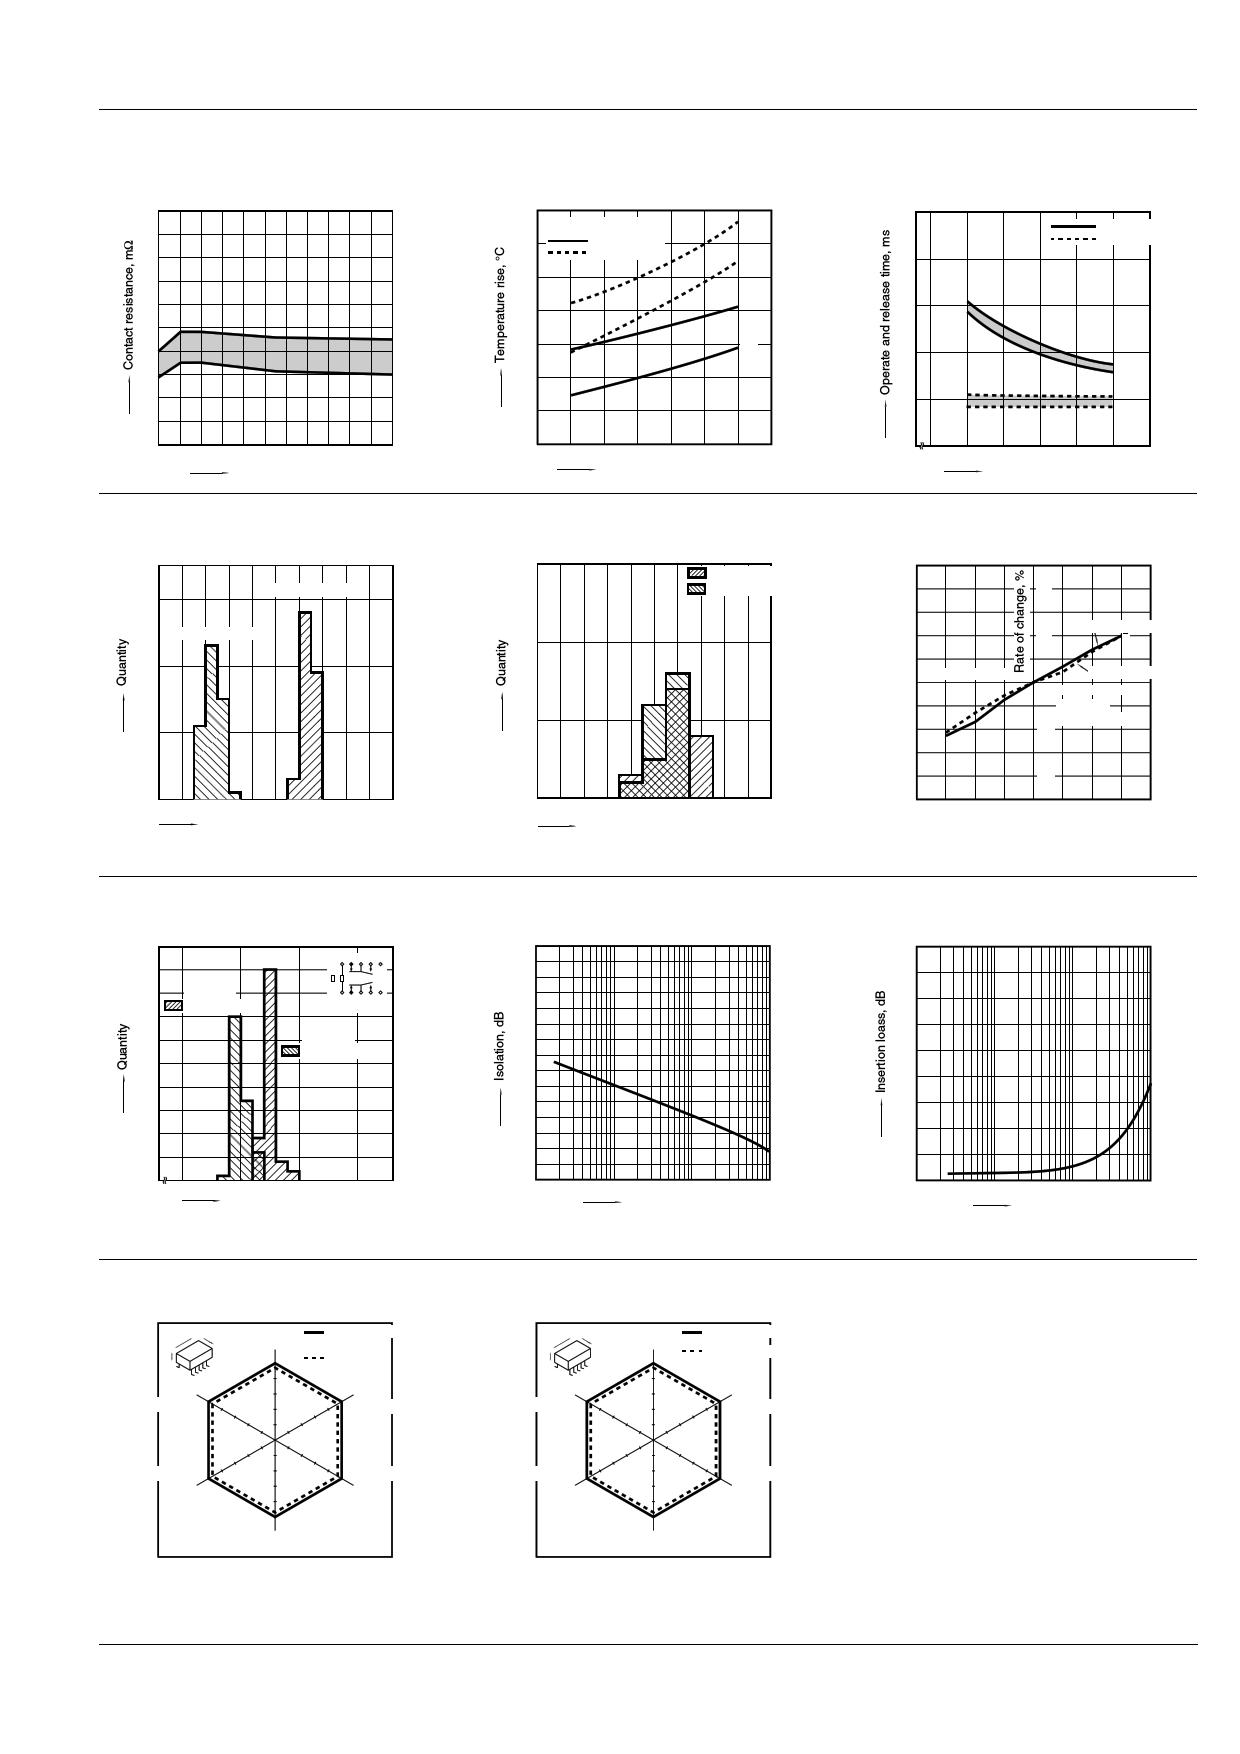 TQ2SS-L2-12V pdf, 반도체, 판매, 대치품